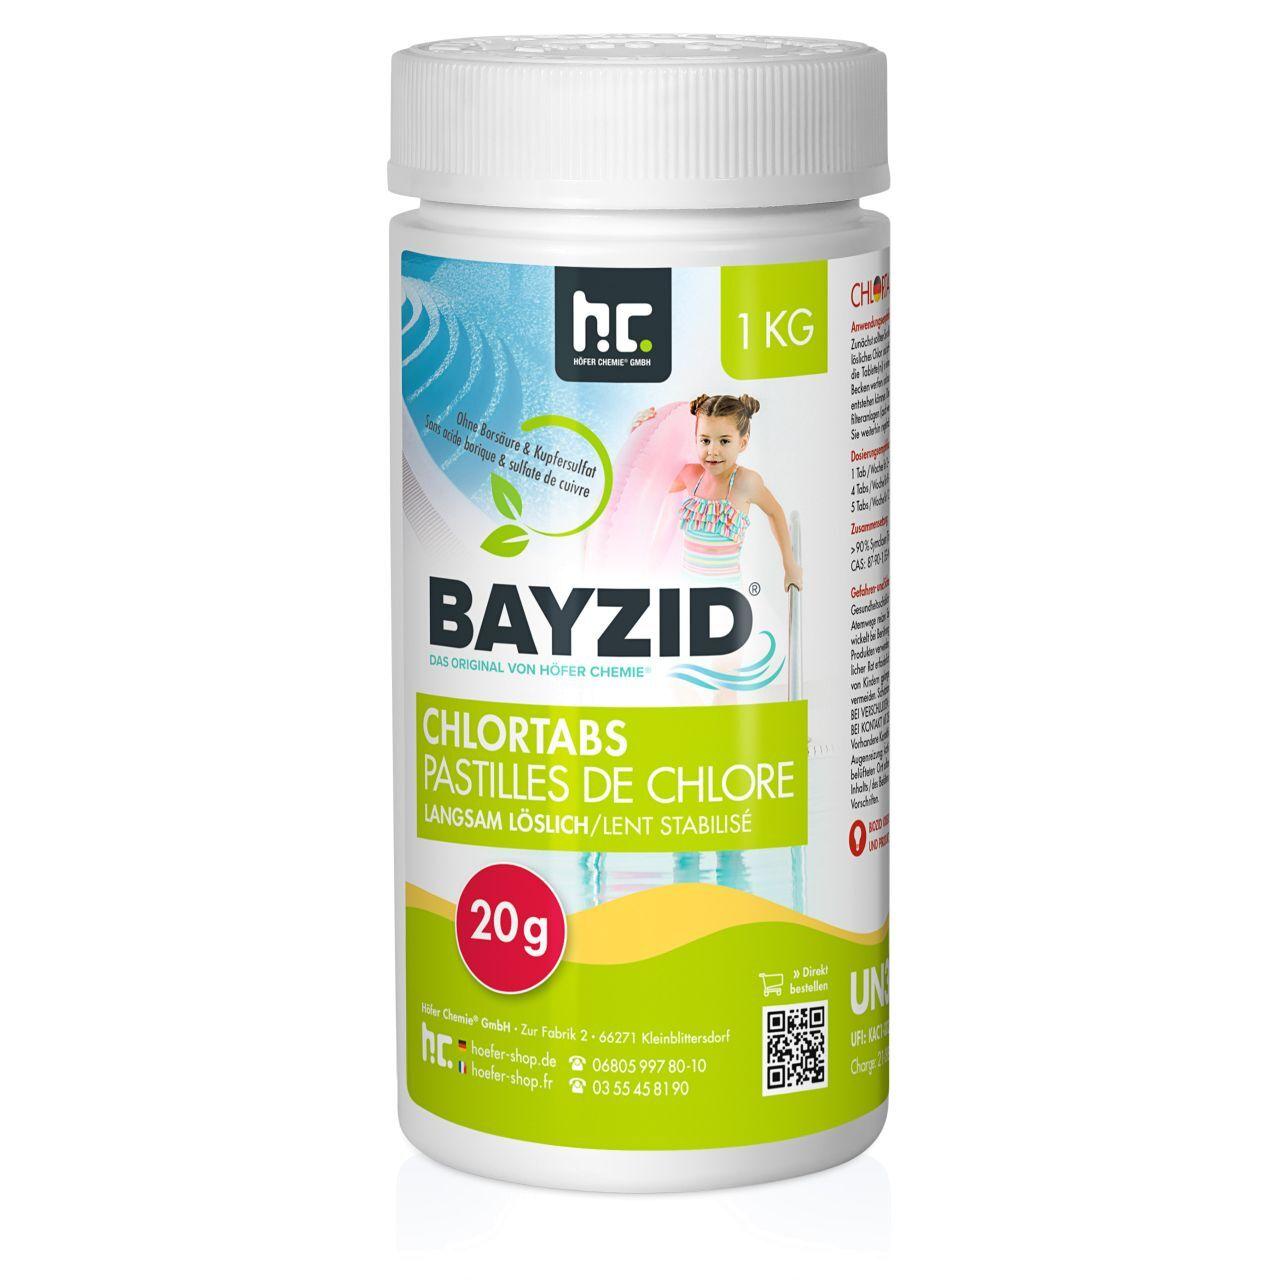 BAYZID 12 kg pastilles de chlore lent soluble 20 g (12 x 1 kg)